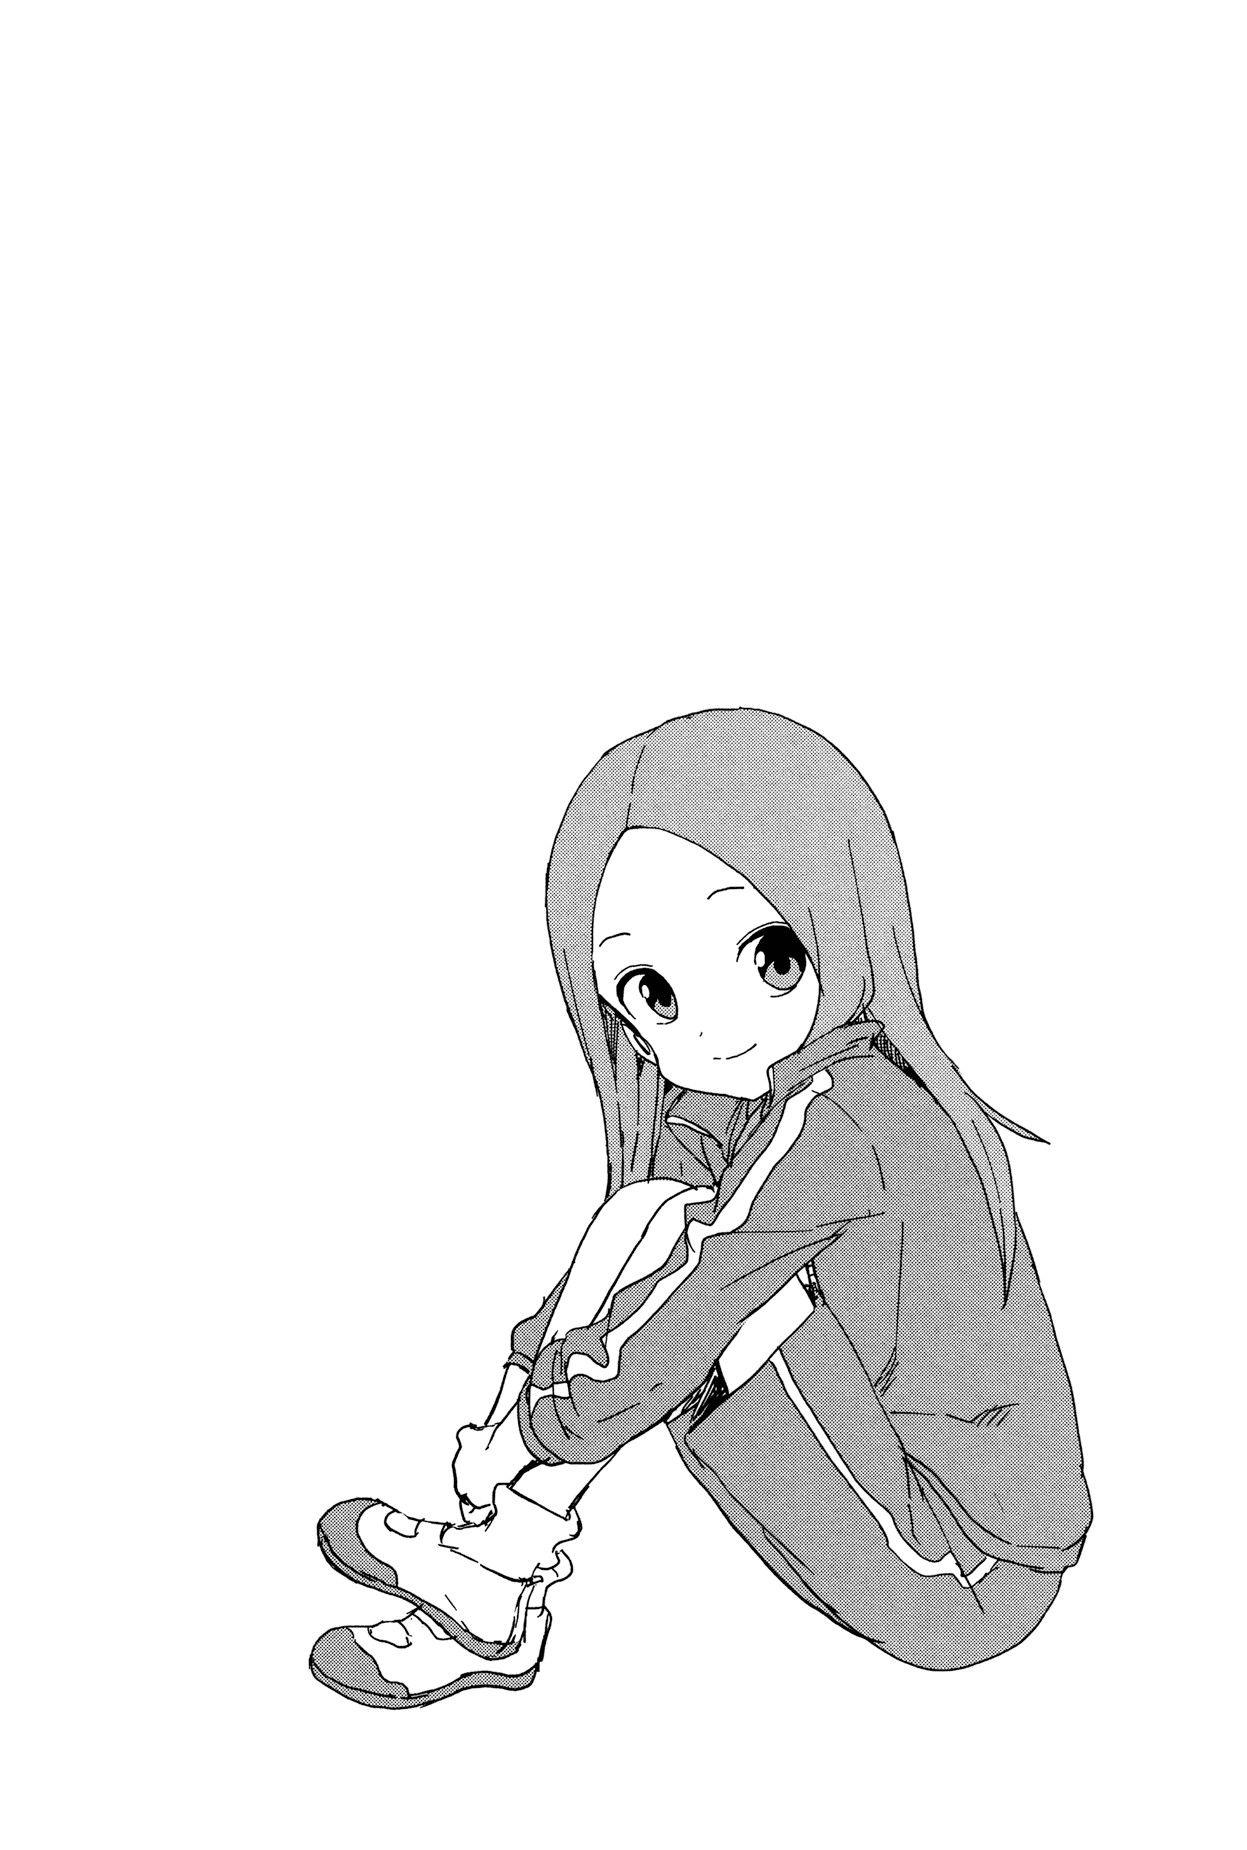 「Takagi San/.....」おしゃれまとめの人気アイデア|Pinterest|Rpc 高木さん